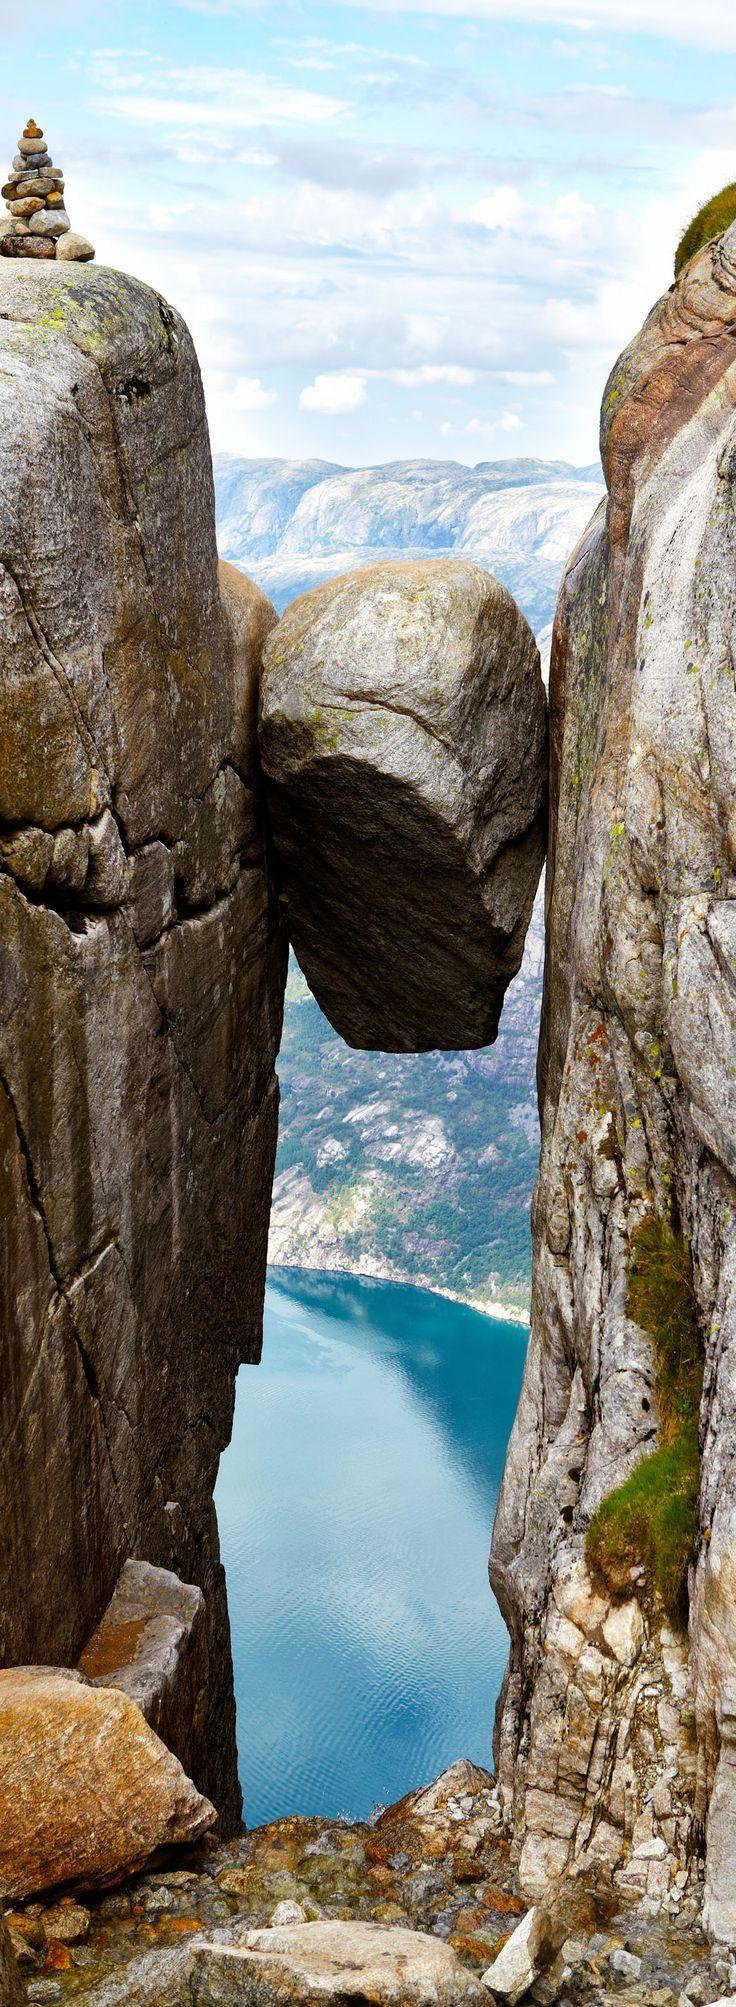 Esta roca se halla sobre el fiordo noruego de Lyse cuelga a más de 1.000 metros de altura.